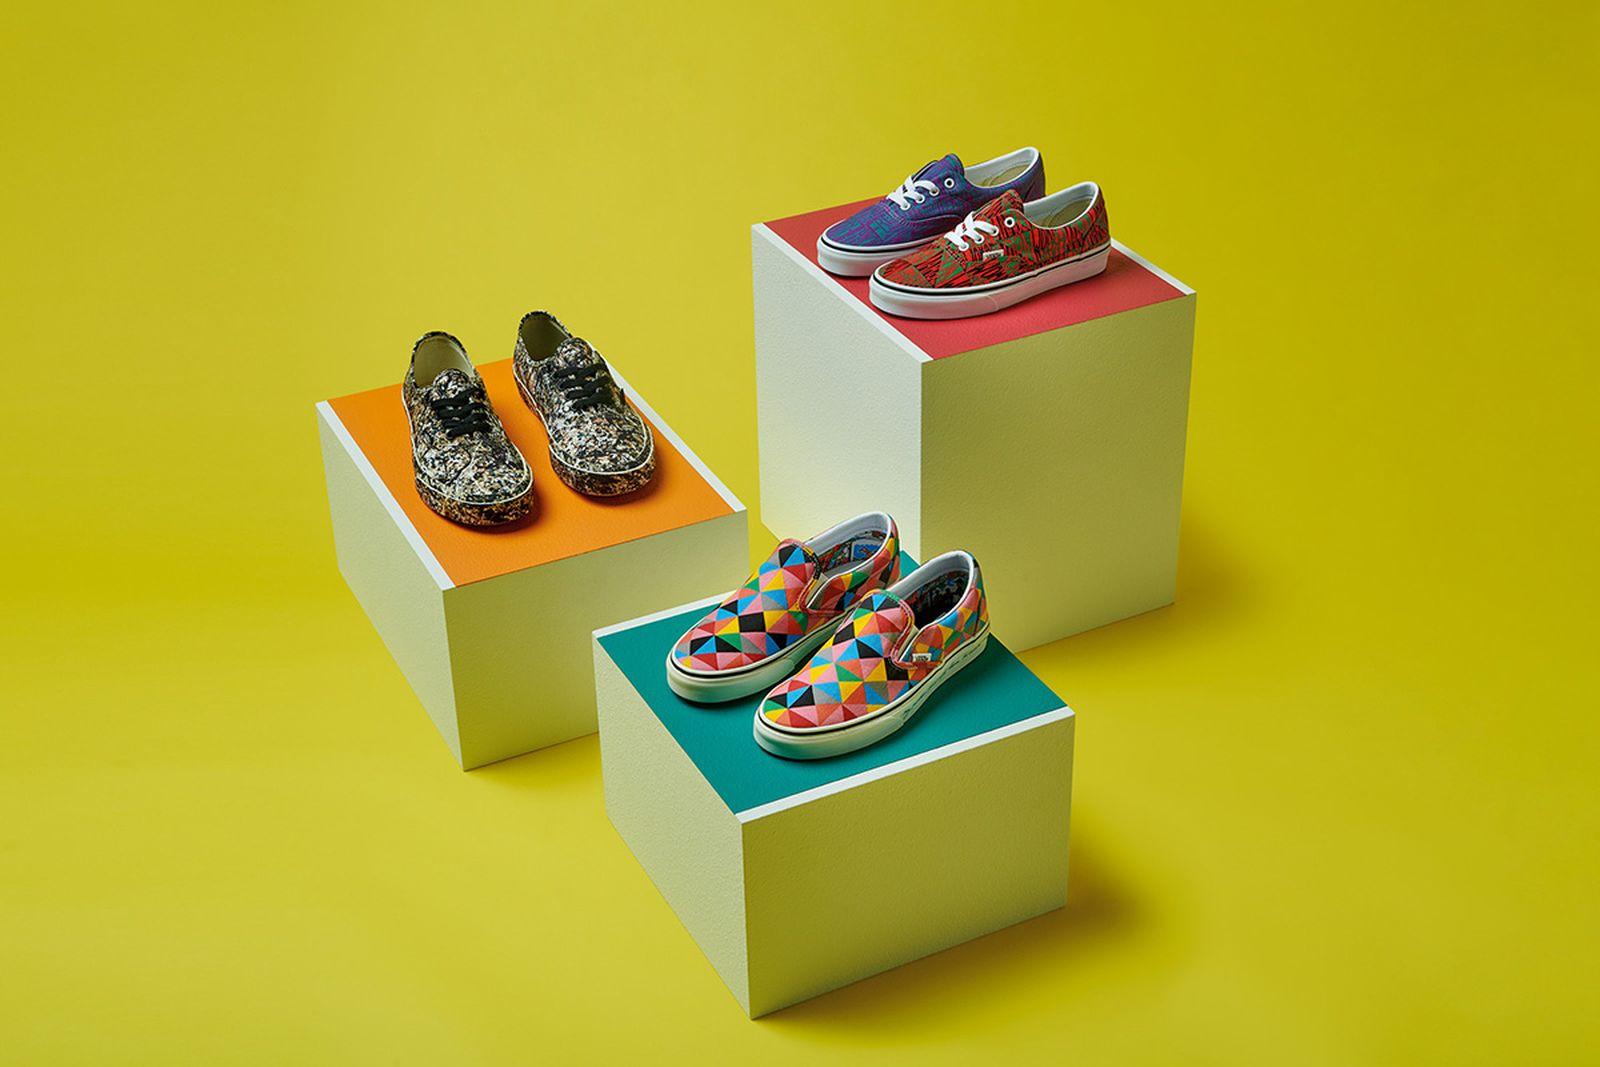 Vans x MoMA sneakers